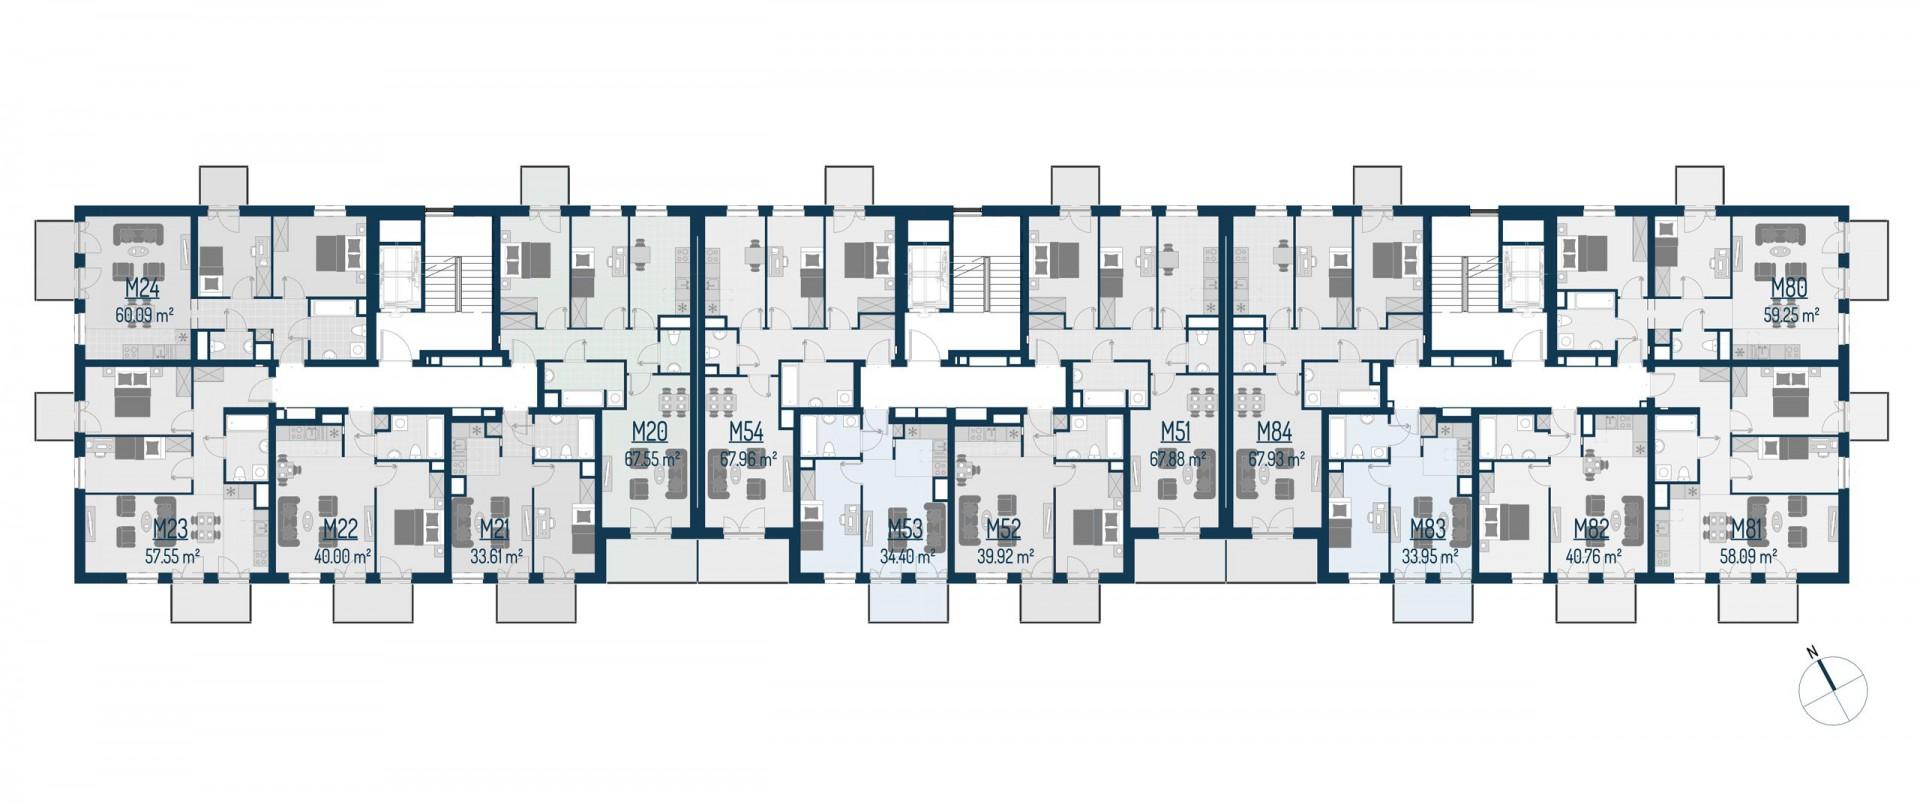 Zdrowe Stylove / budynek 1 / mieszkanie nr M51 rzut 2